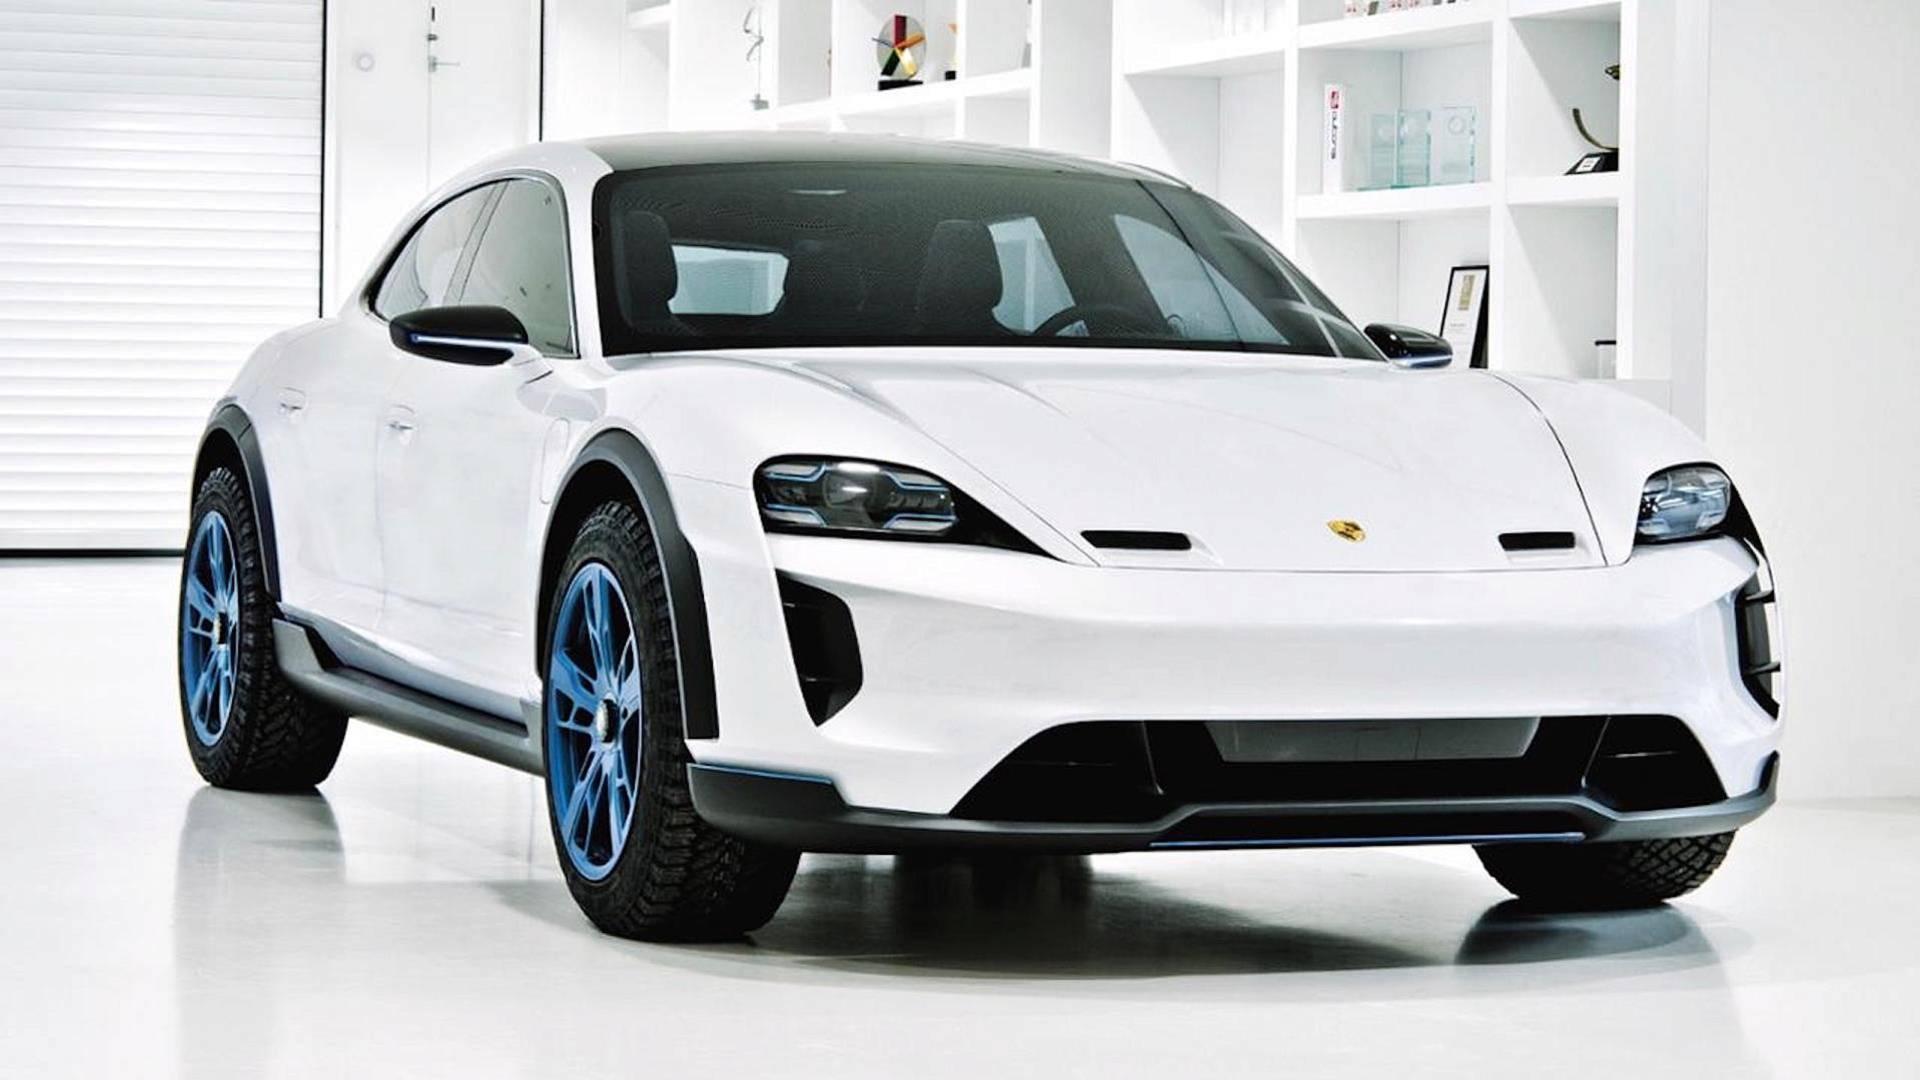 Porsche Hints Mission E Cross Turismo Is Autonomous-Ready